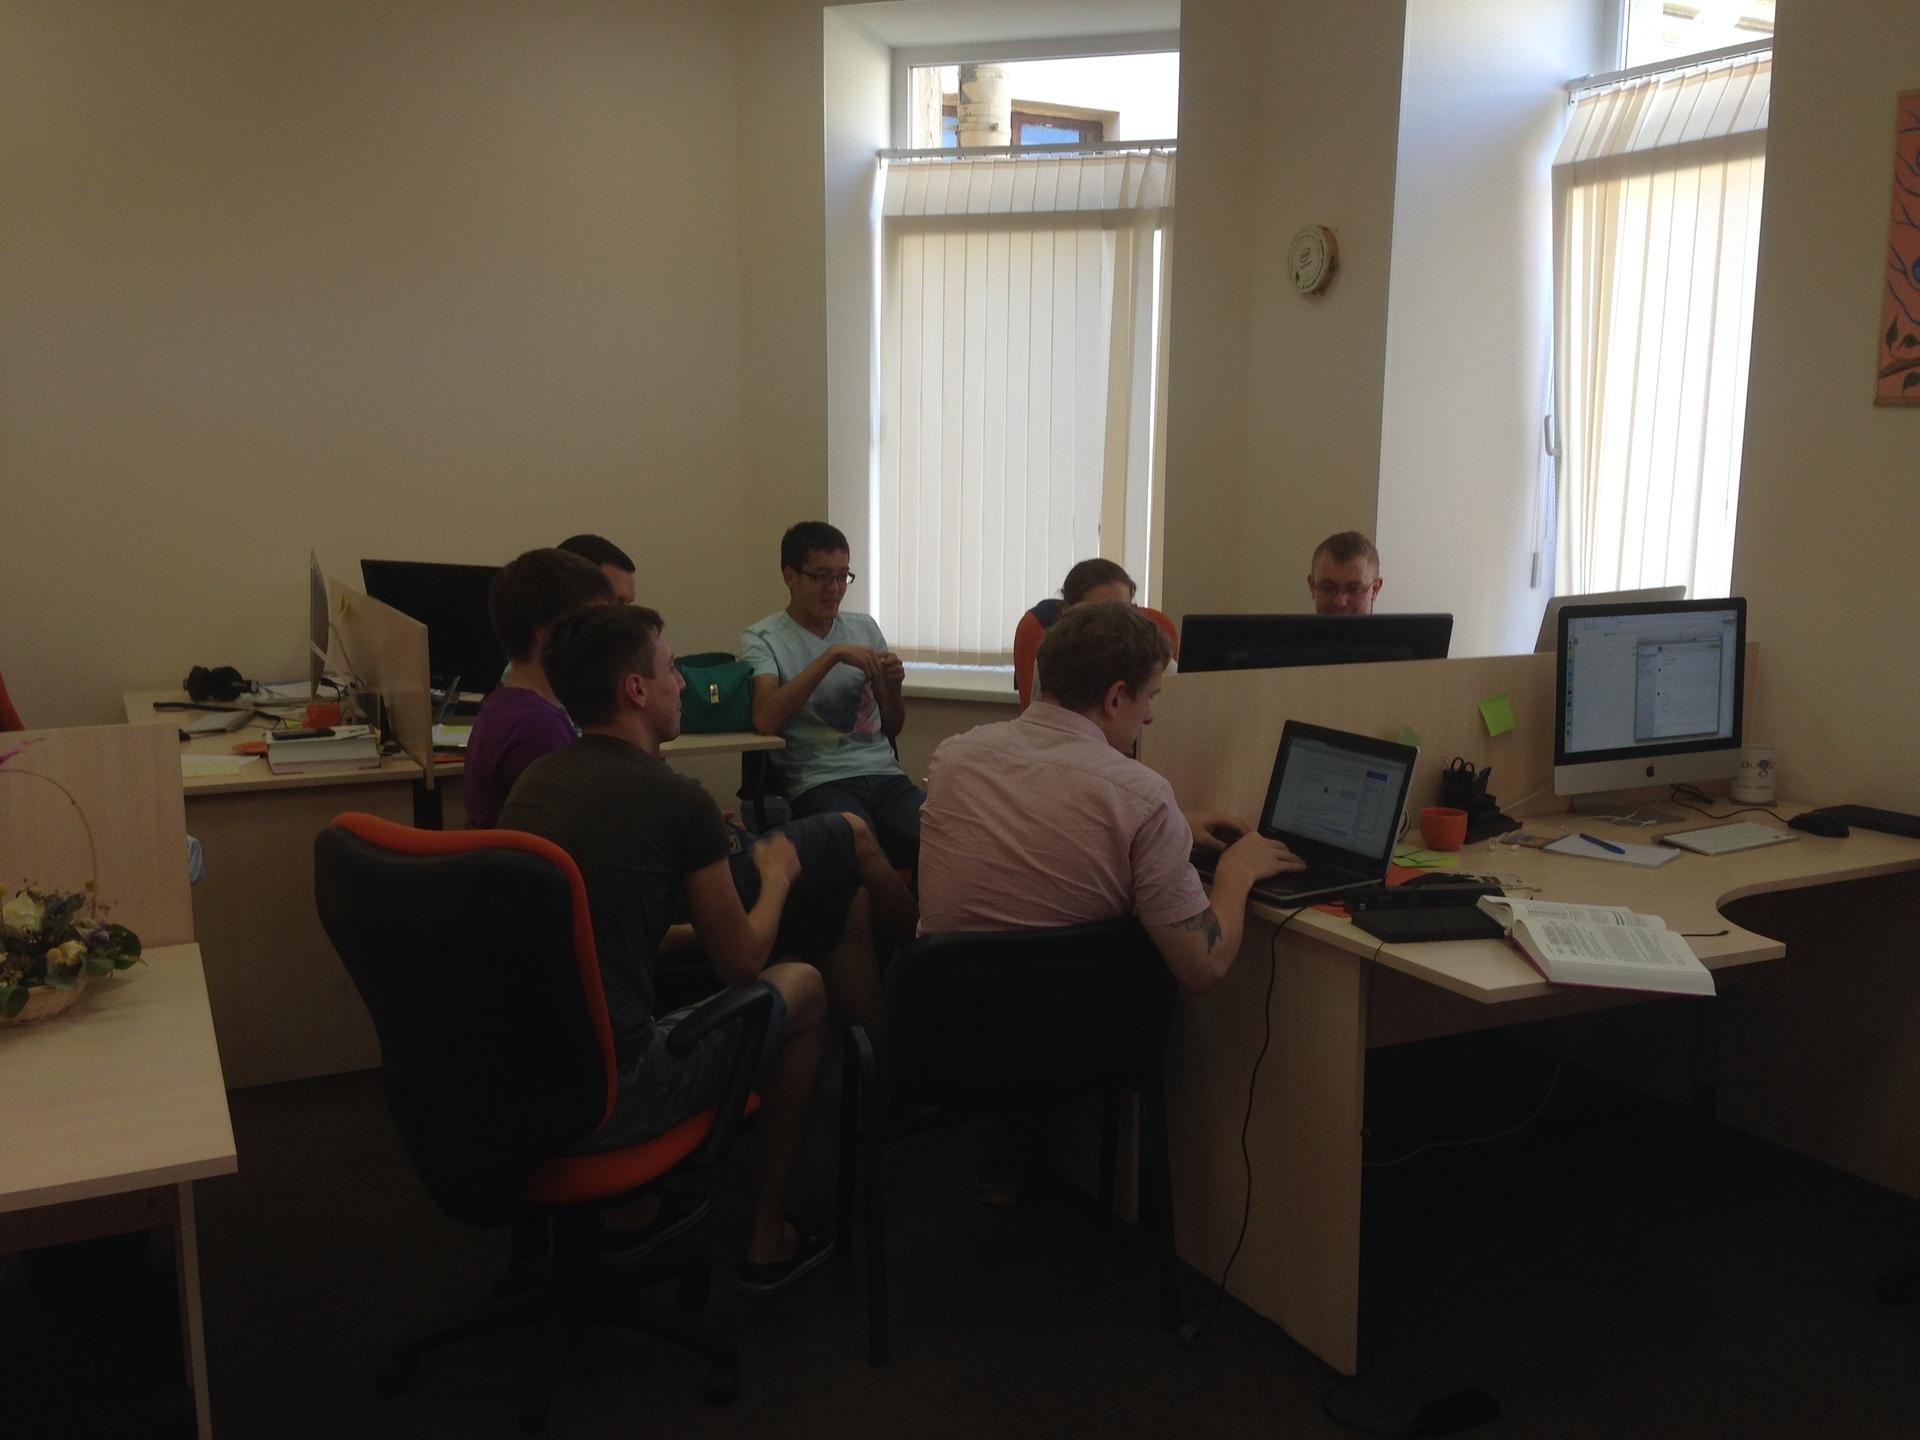 Открытие студии мобильной разработки «с нуля» в Питере — 3.5 года спустя. Реинкарнация. Часть 2